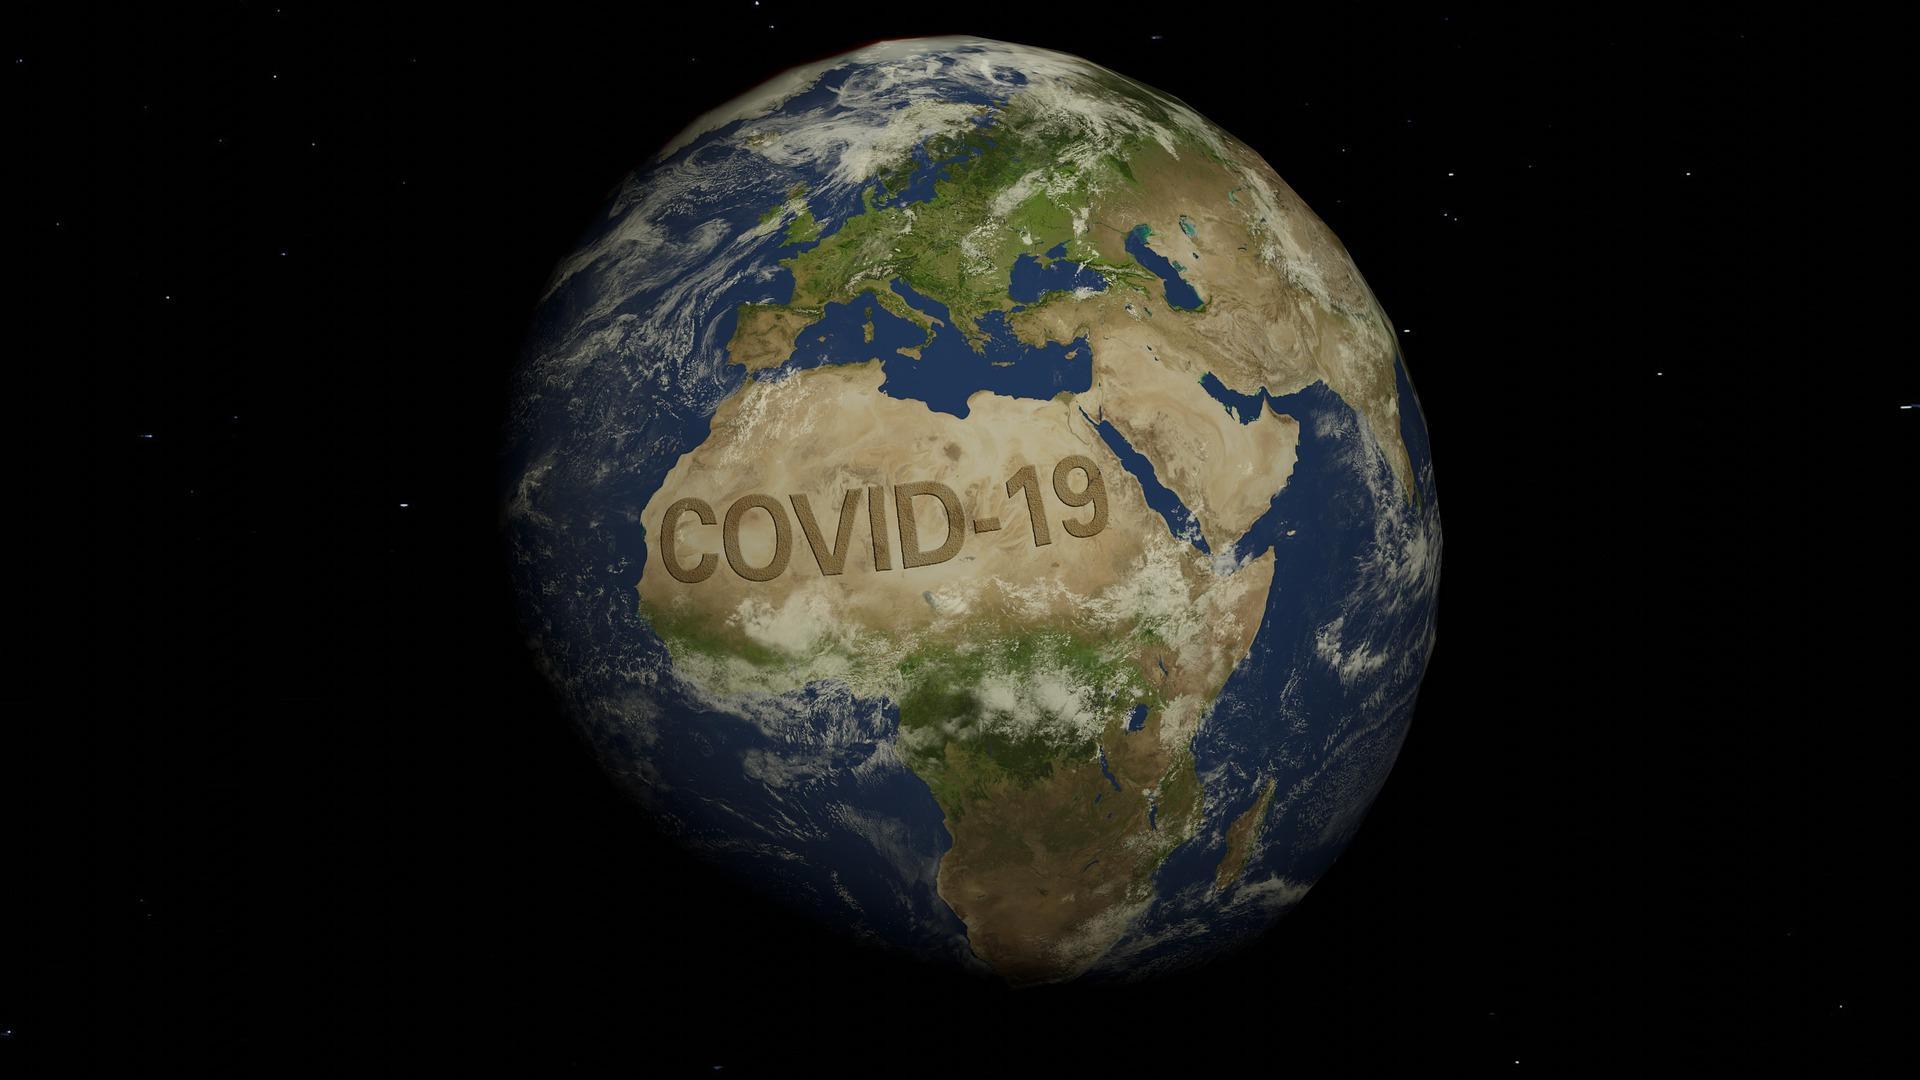 Weltweite Auswirkungen der Covid-19 Pandemie